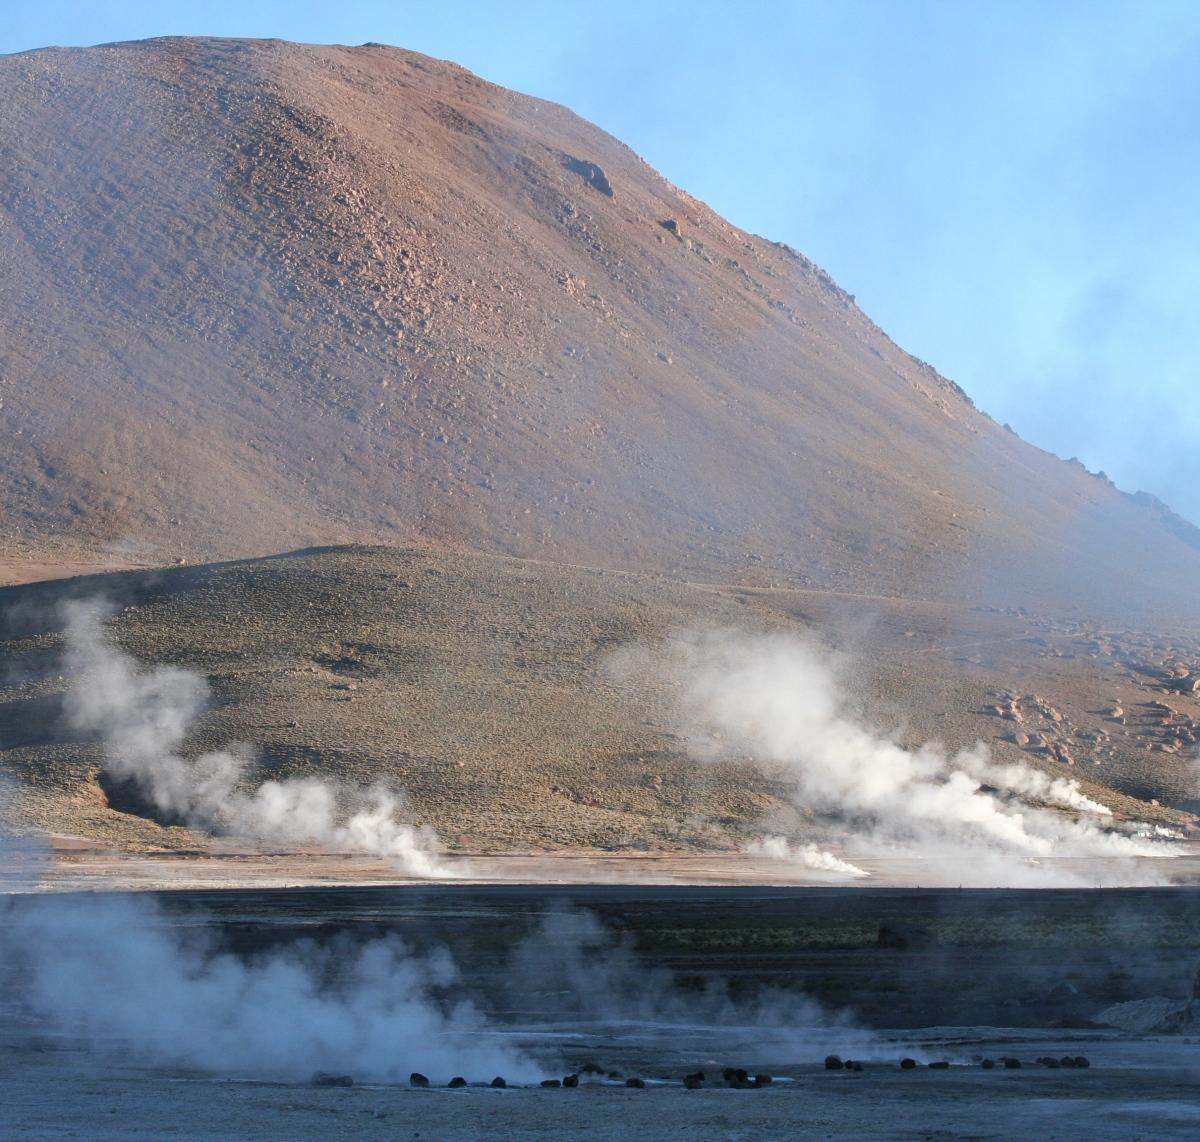 EL TATIO GEYSERS - CHILE